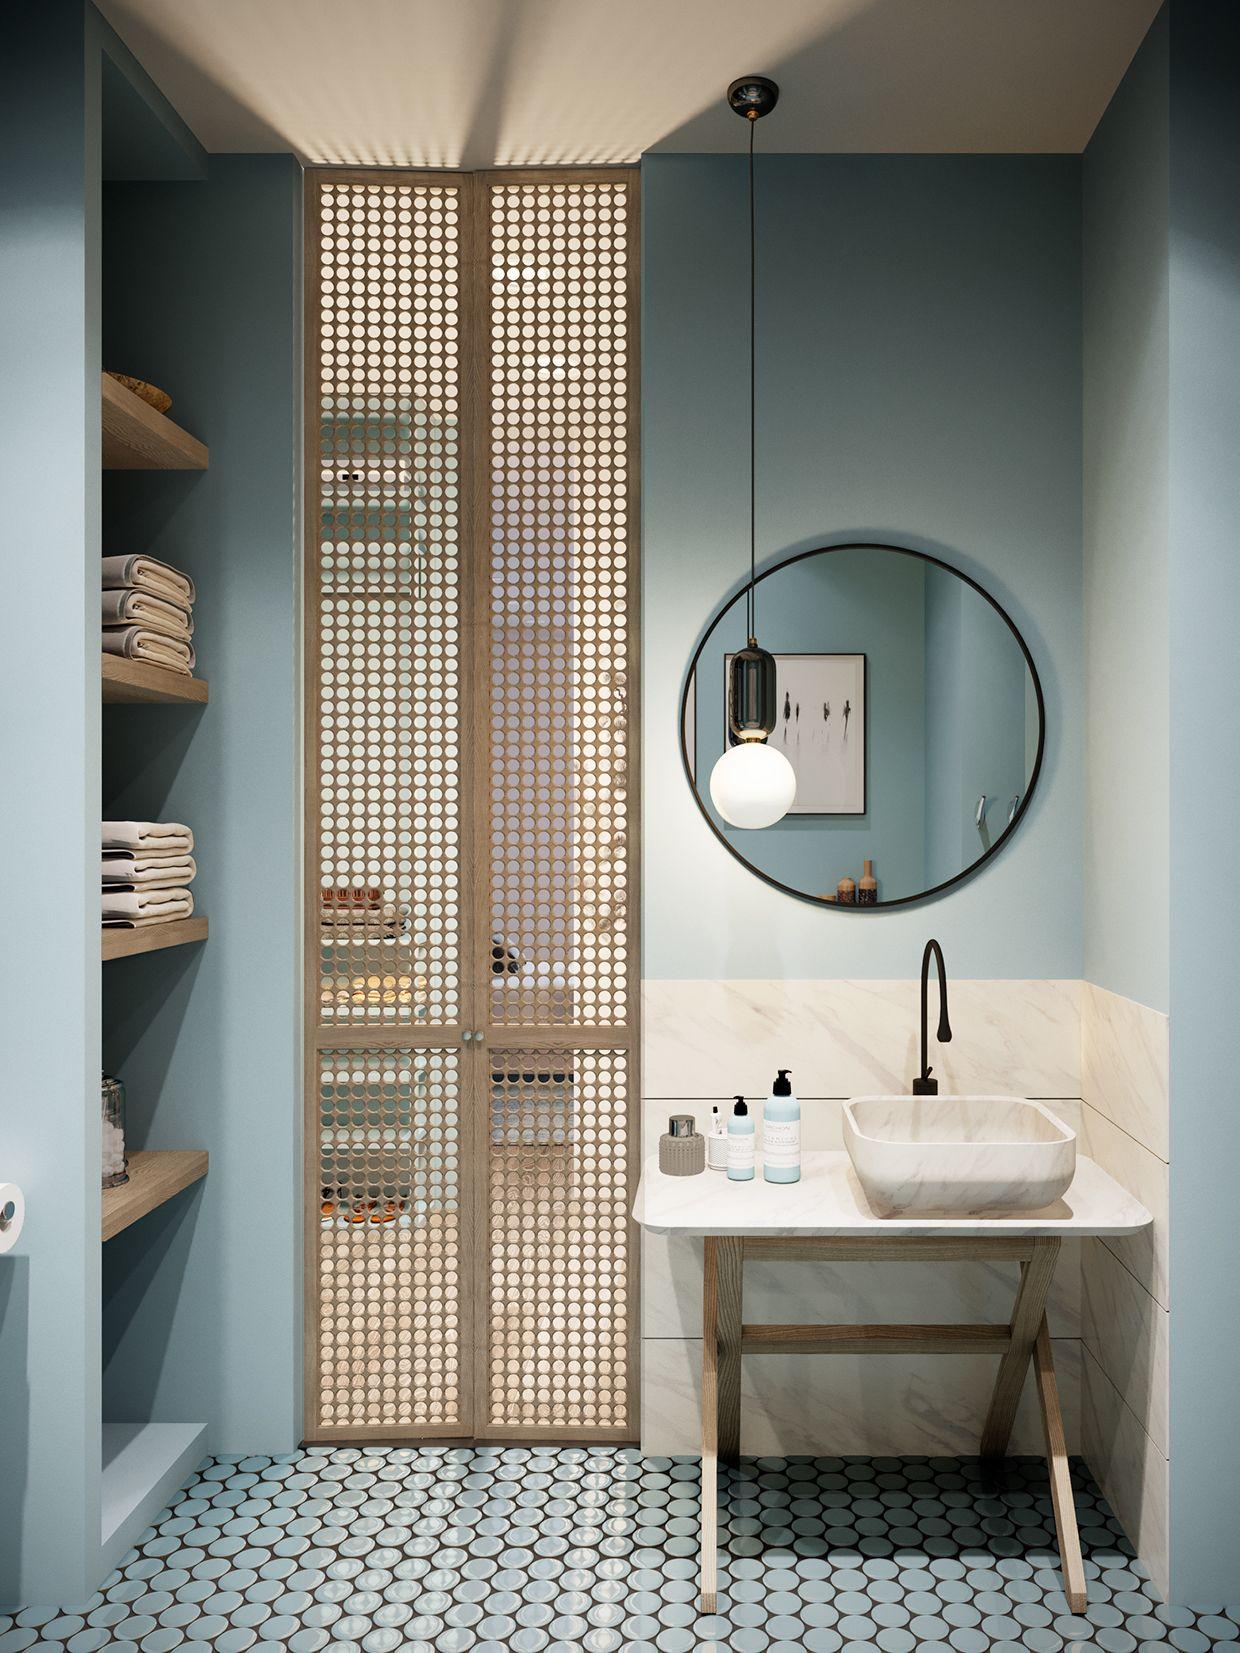 claustra salle de bain cloison ajouree